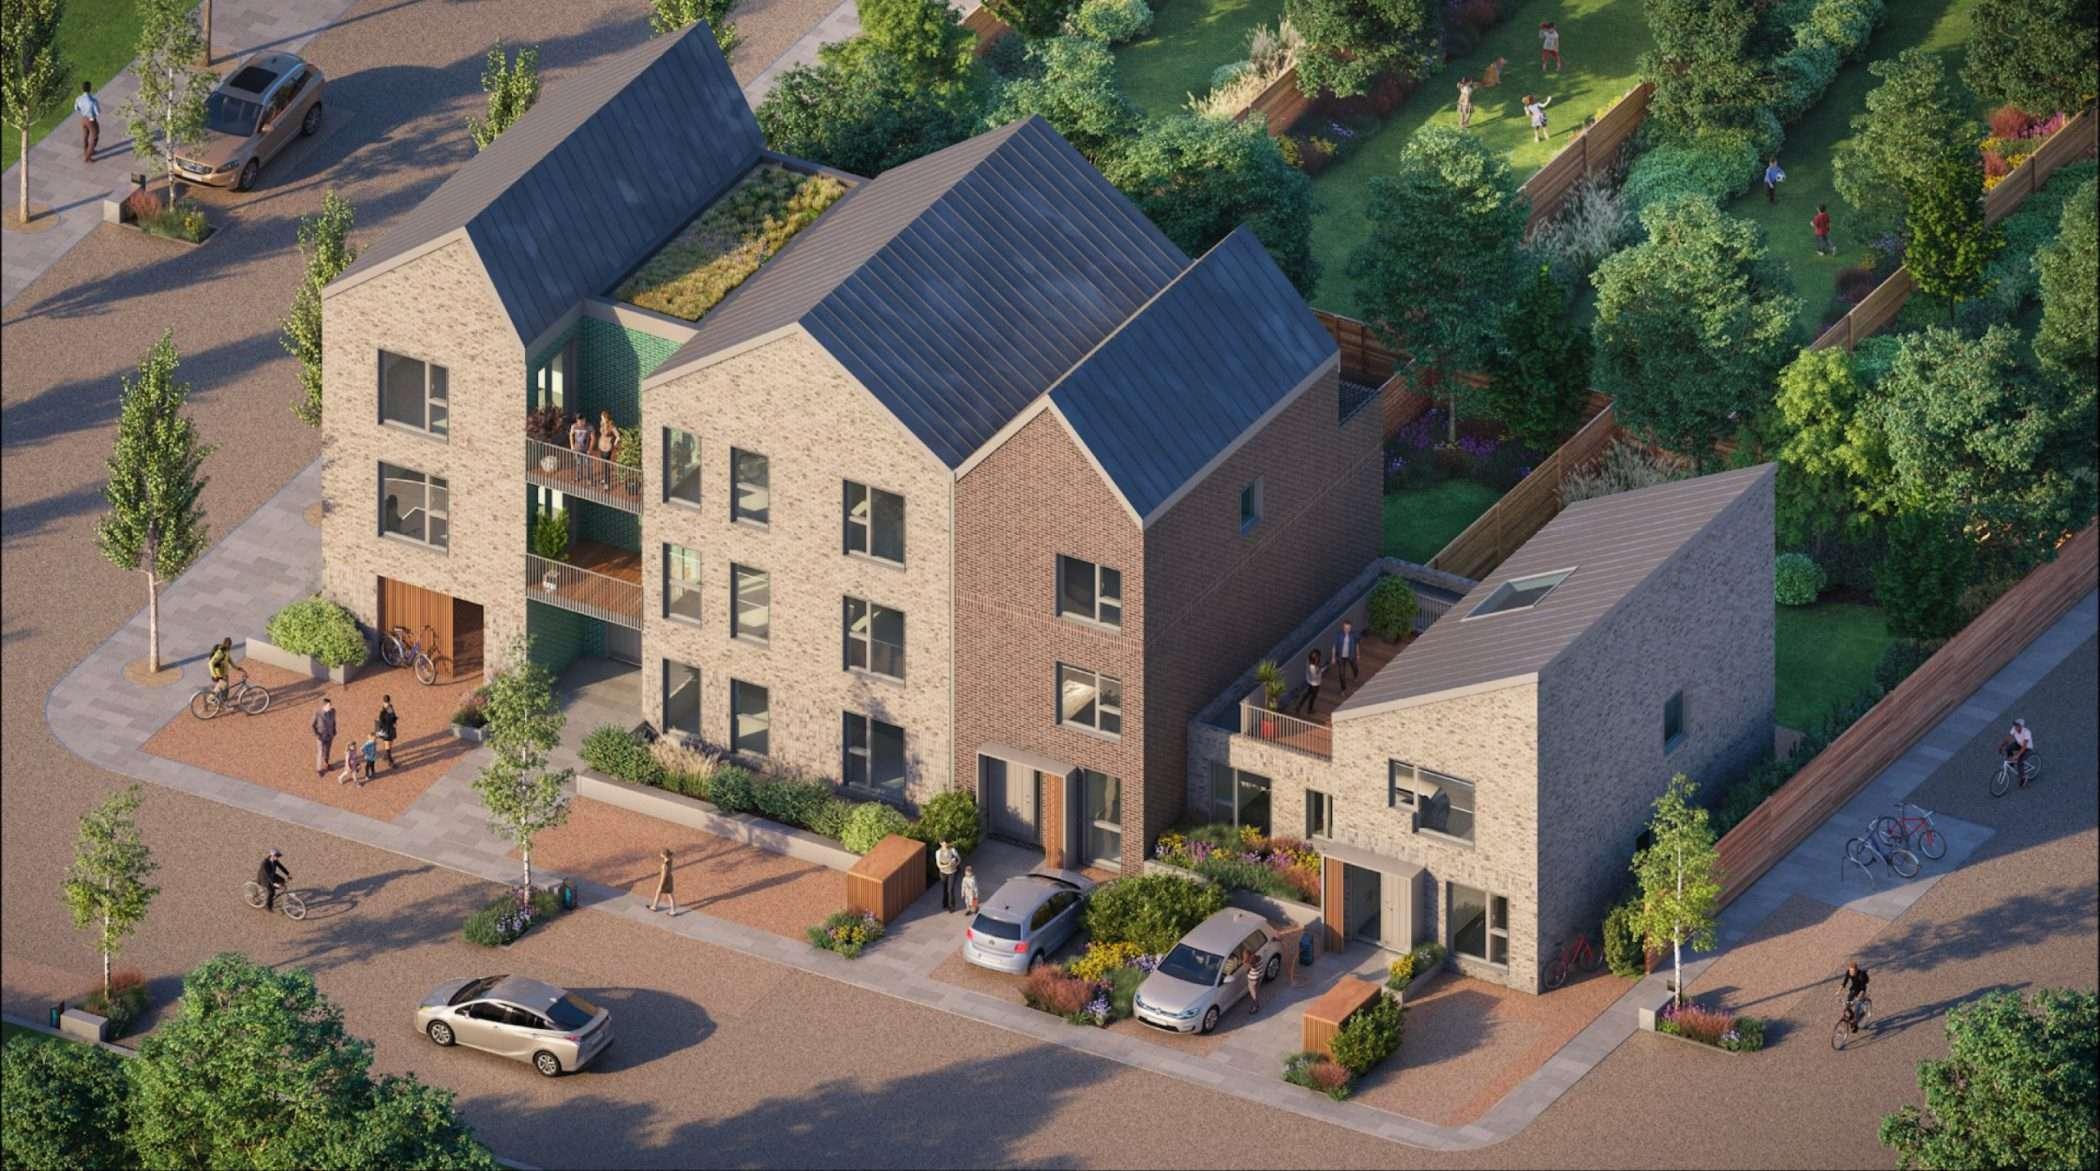 Sustainability - houses